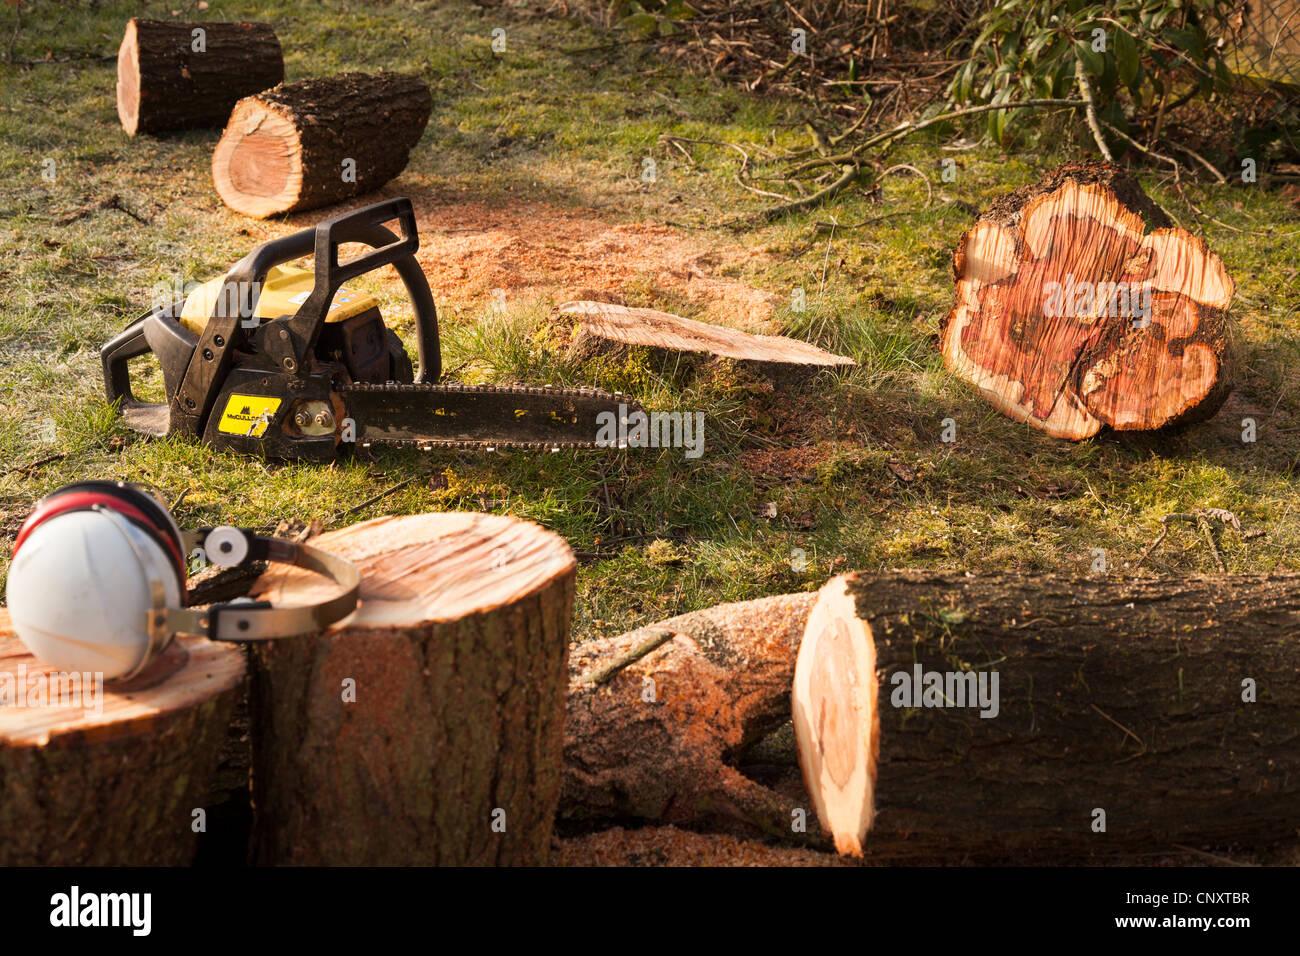 Orejeras y motosierra y sawn tronco de árbol Imagen De Stock